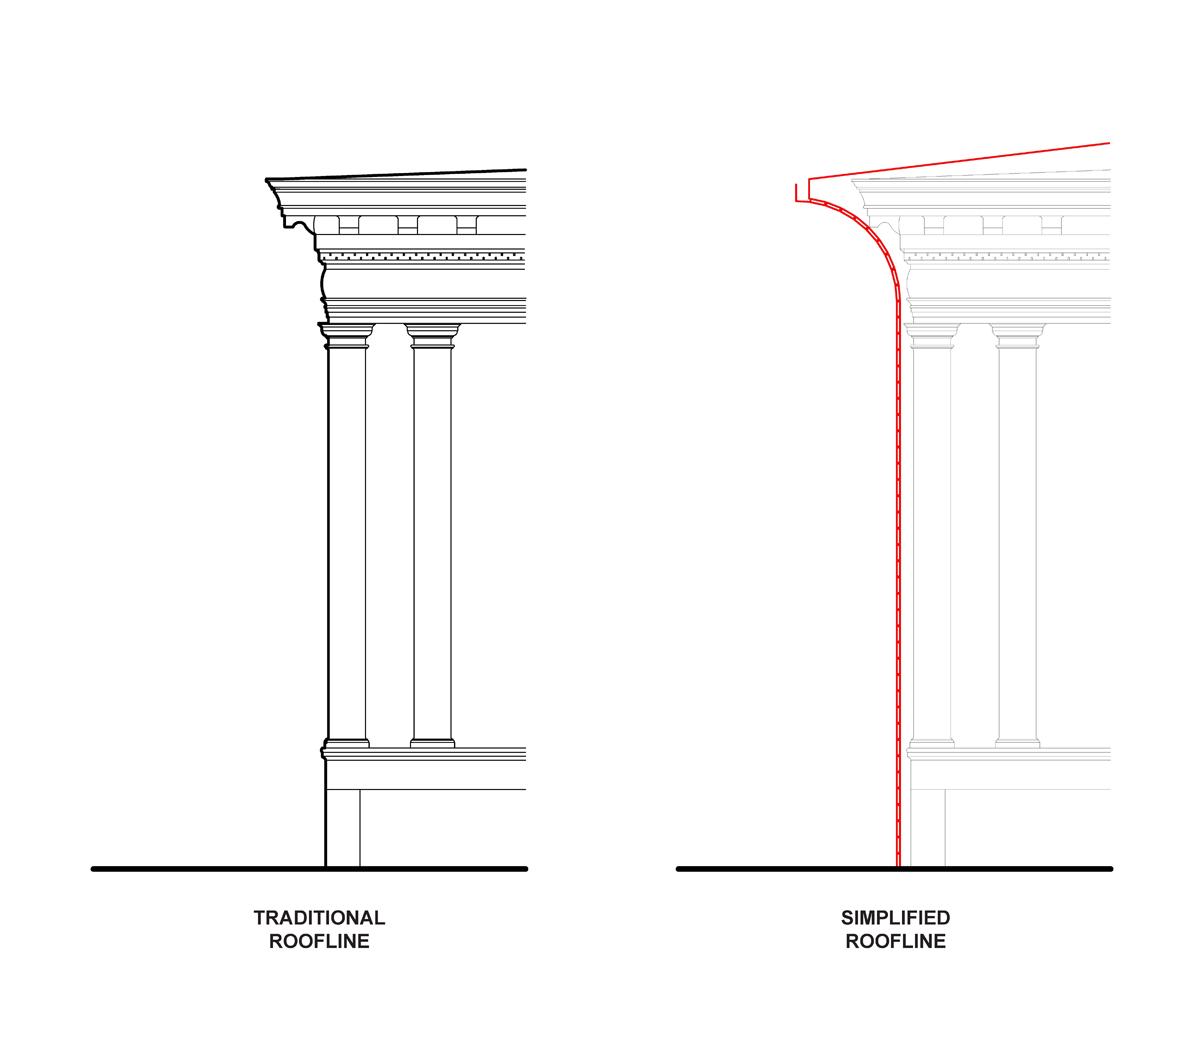 roofline diagram2.jpg